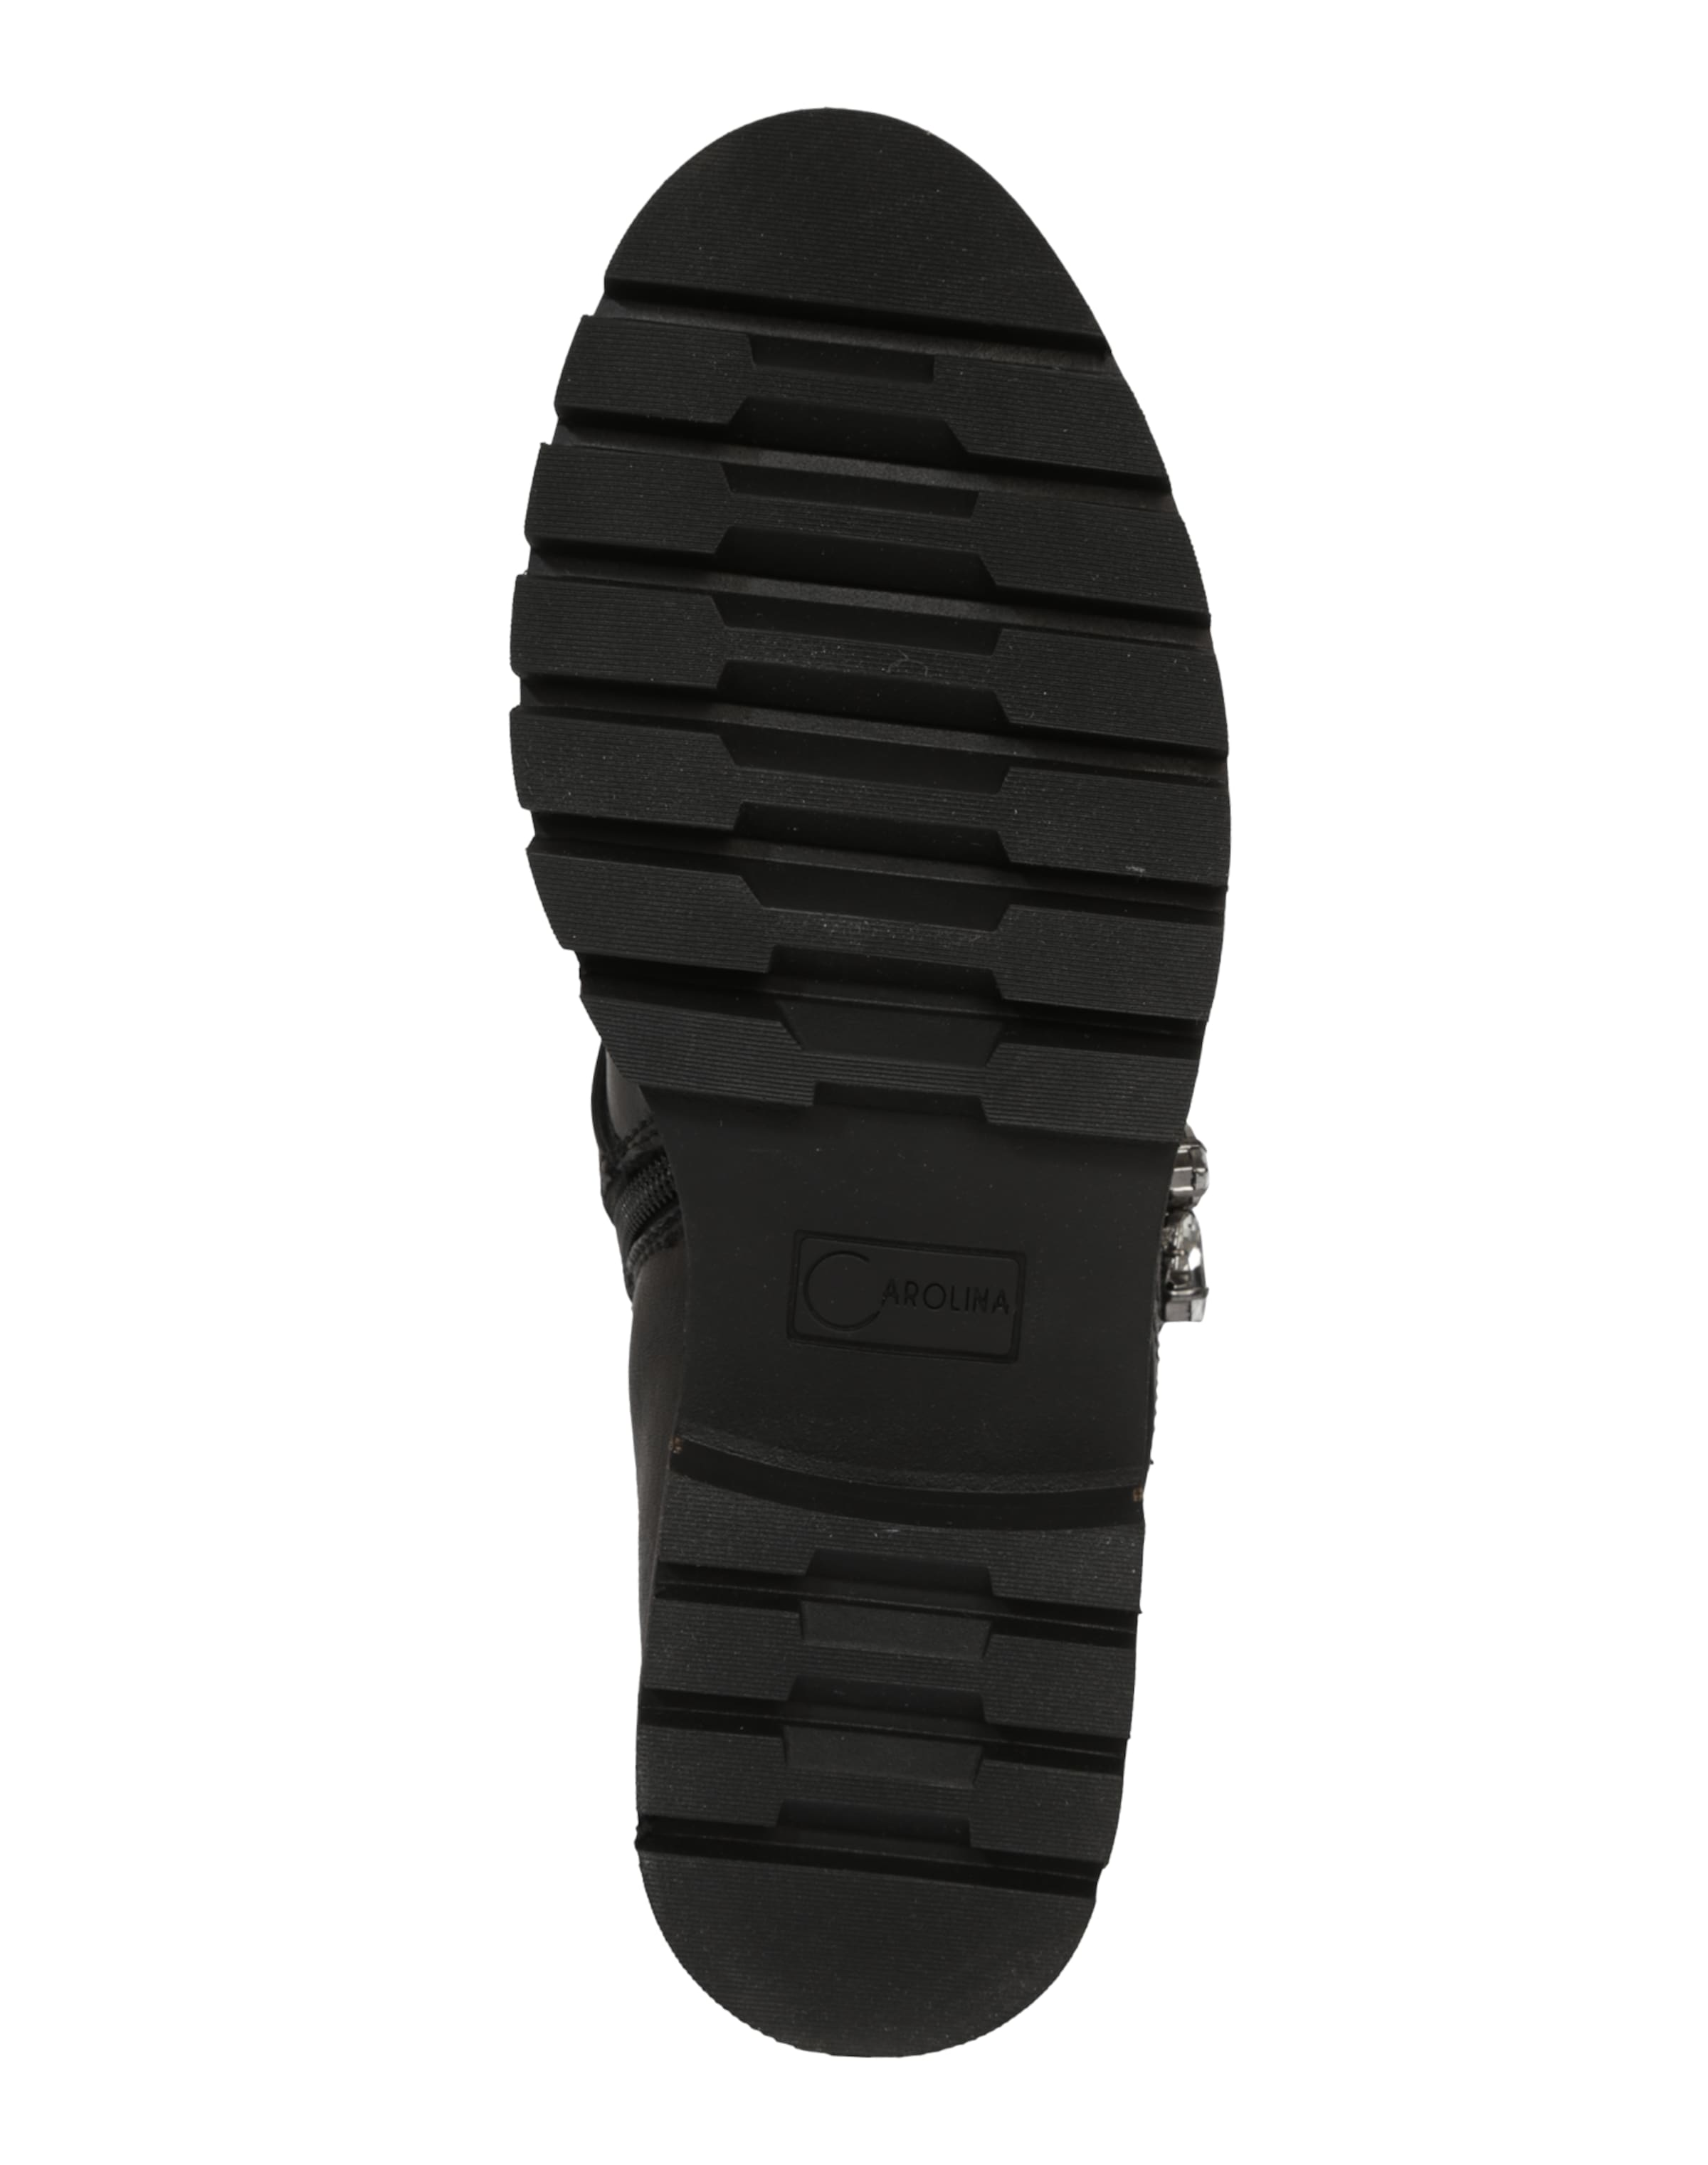 Donna Carolina Boot mit Brosche Qualität Original Modestil Billig Verkauf Footlocker Finish PztDA